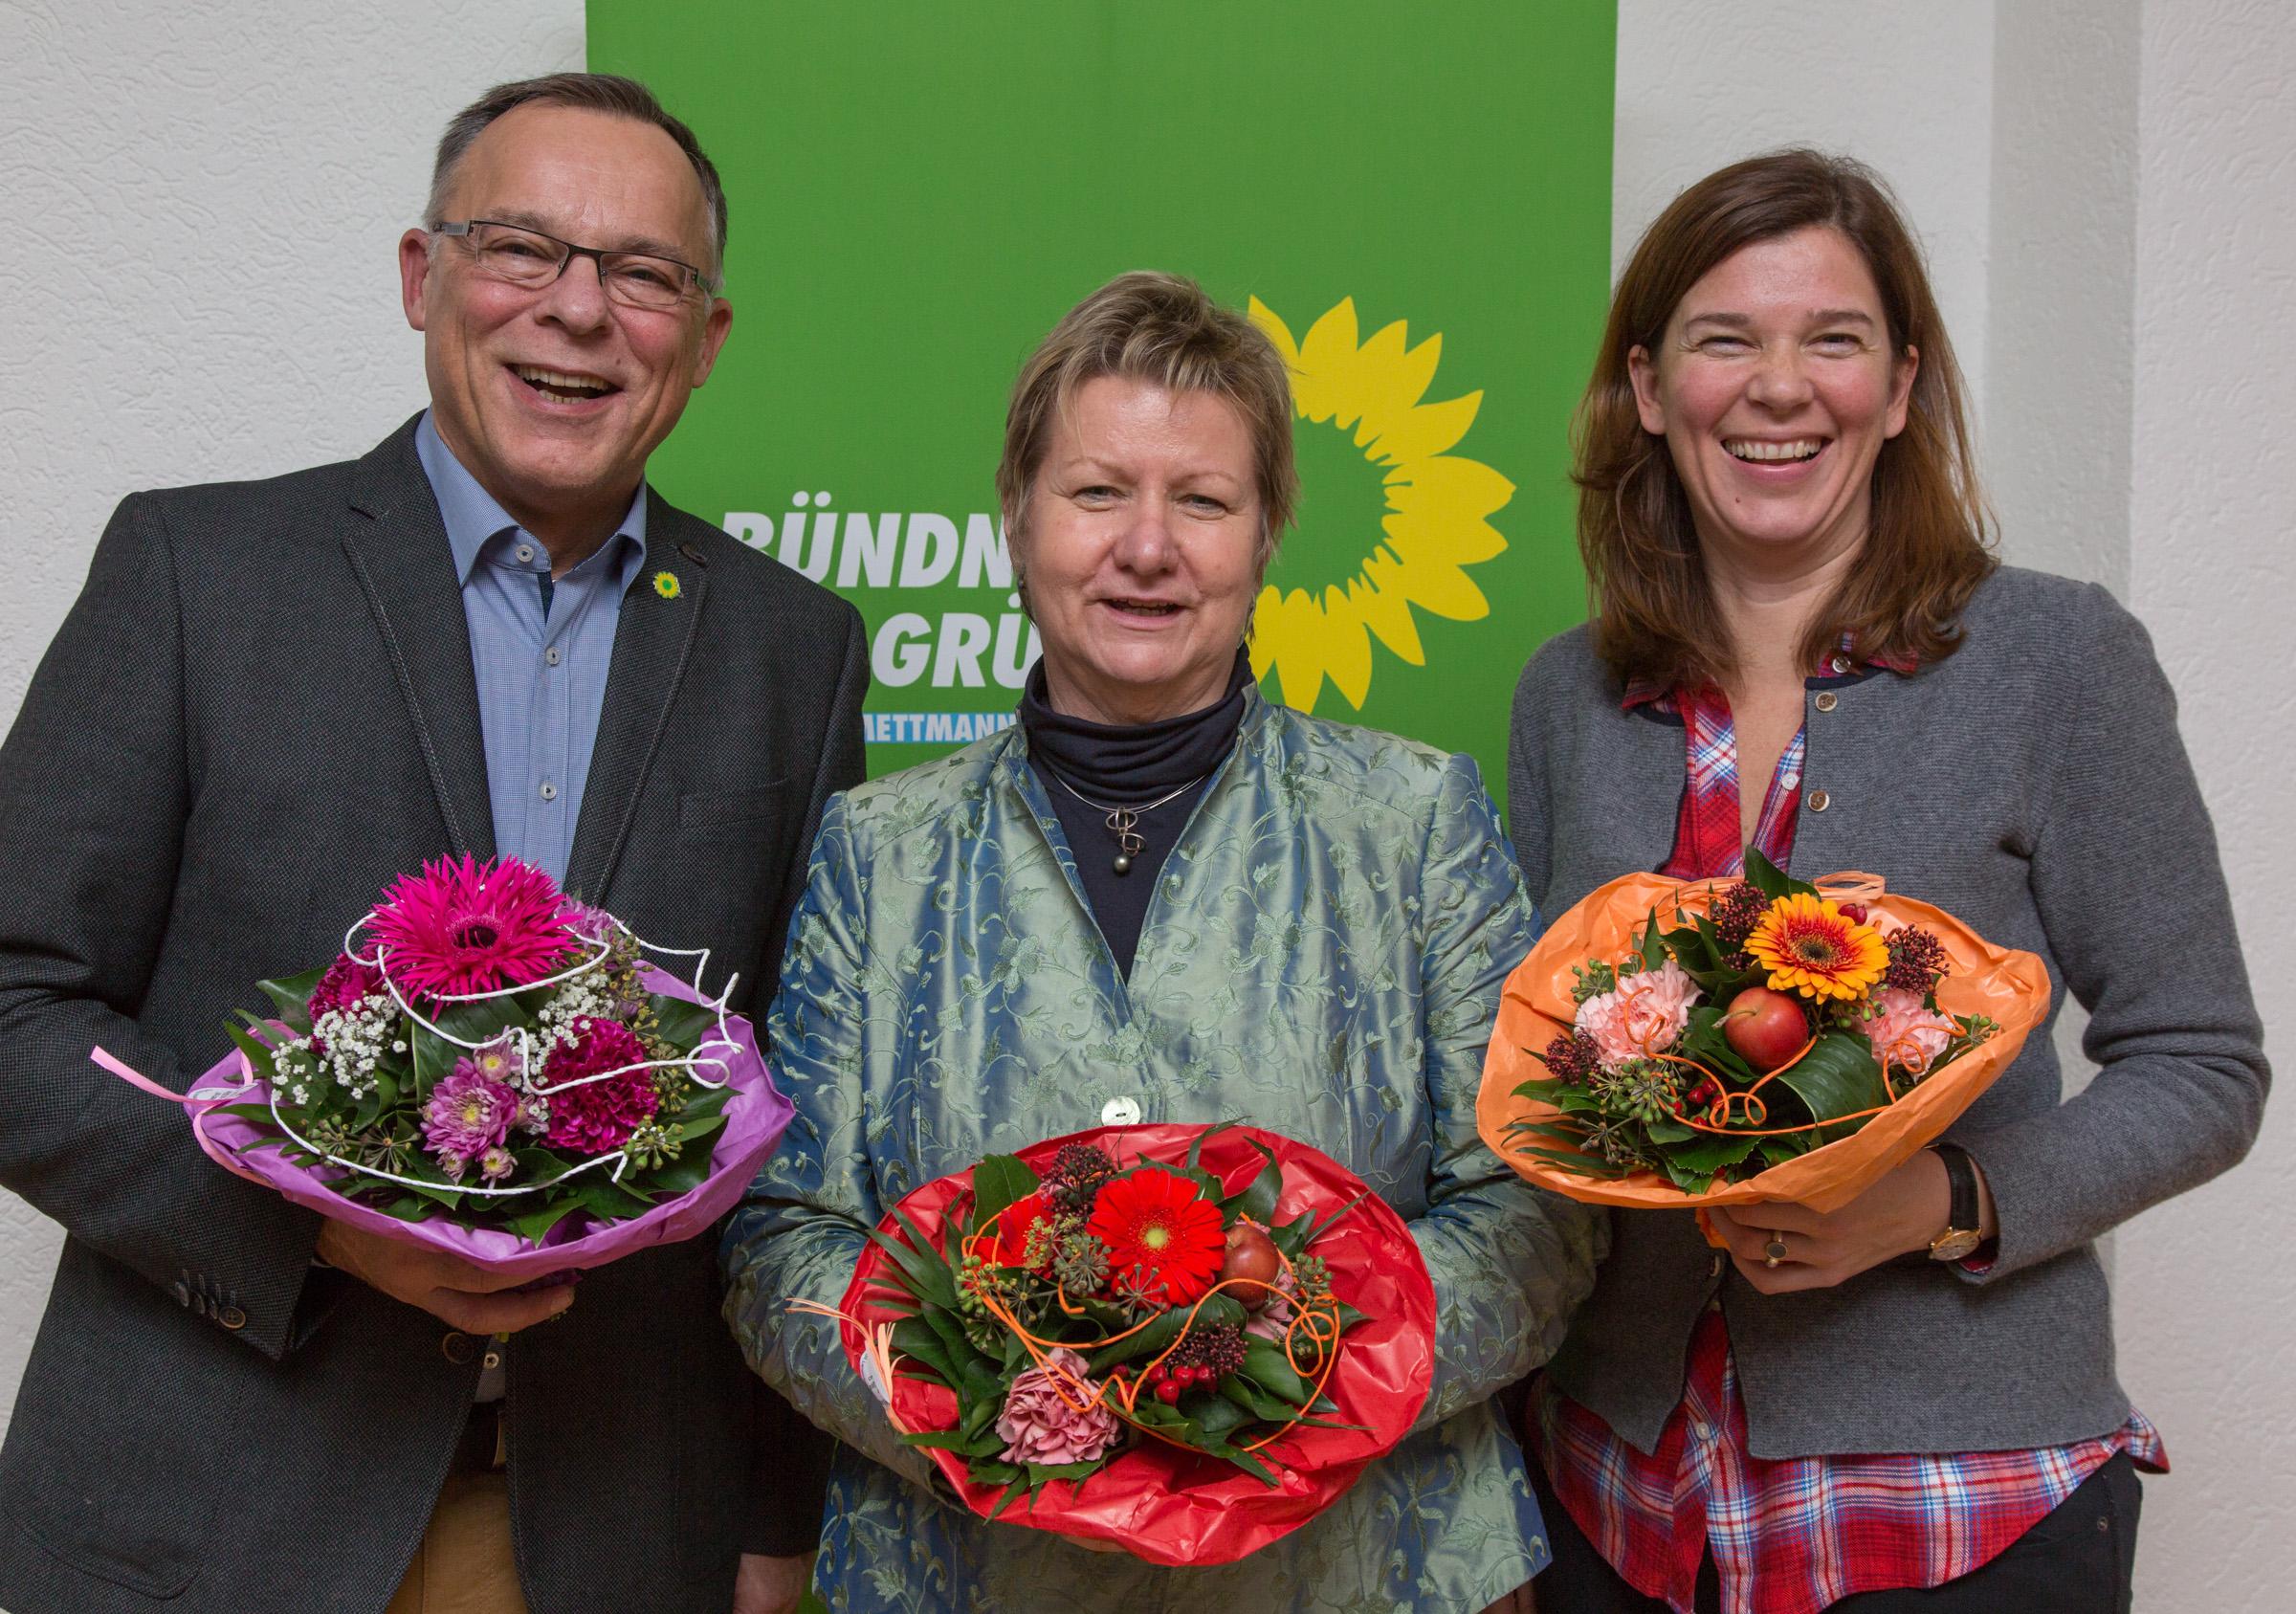 Grüne wählten ihre Direktkandidaten zur Bundestagswahl